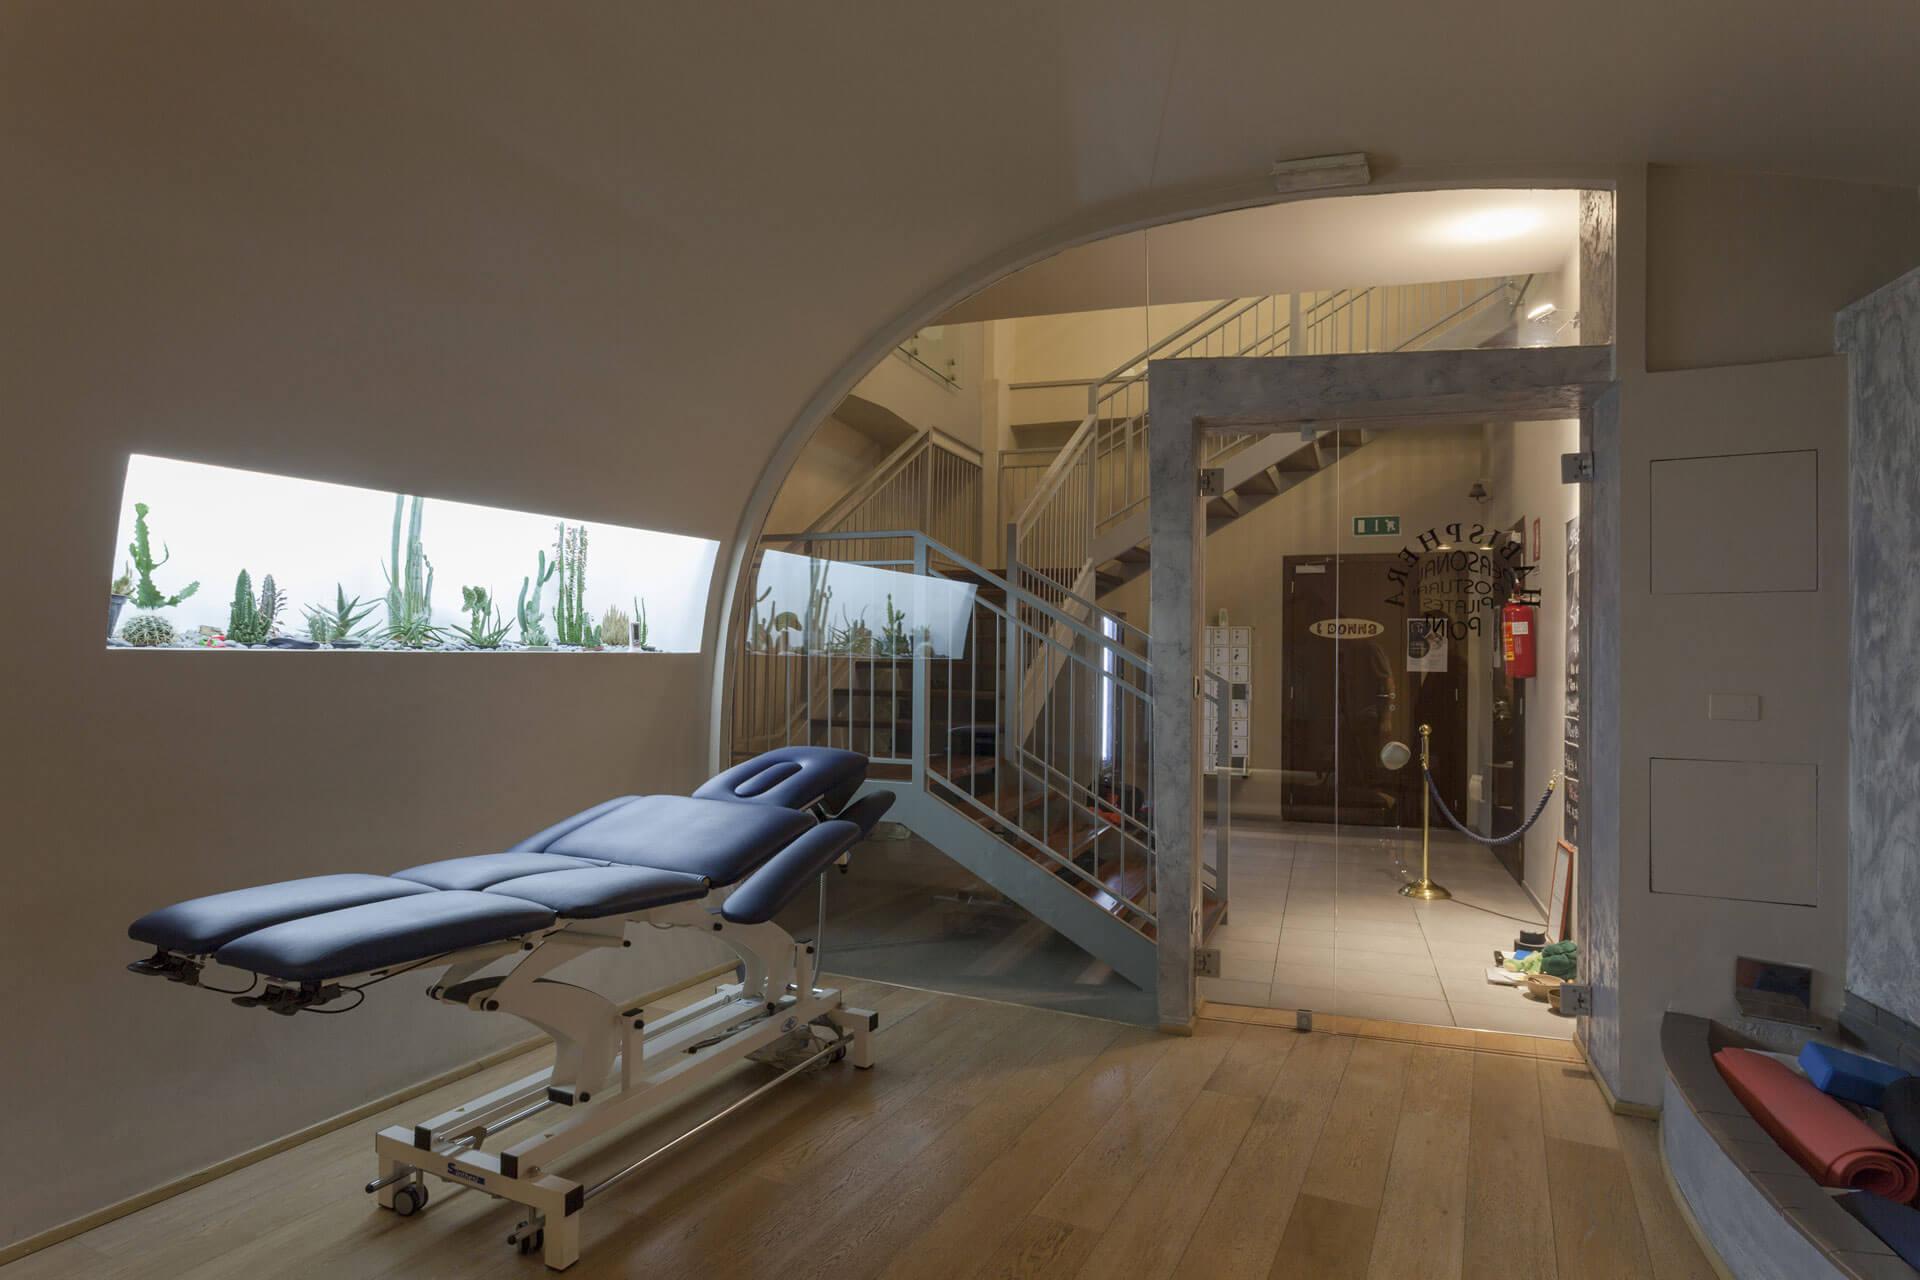 micaela-mazzoni-studio-interior-designer-bologna-progetti-commerciali-gallery-palestra-movimento-bologna-3